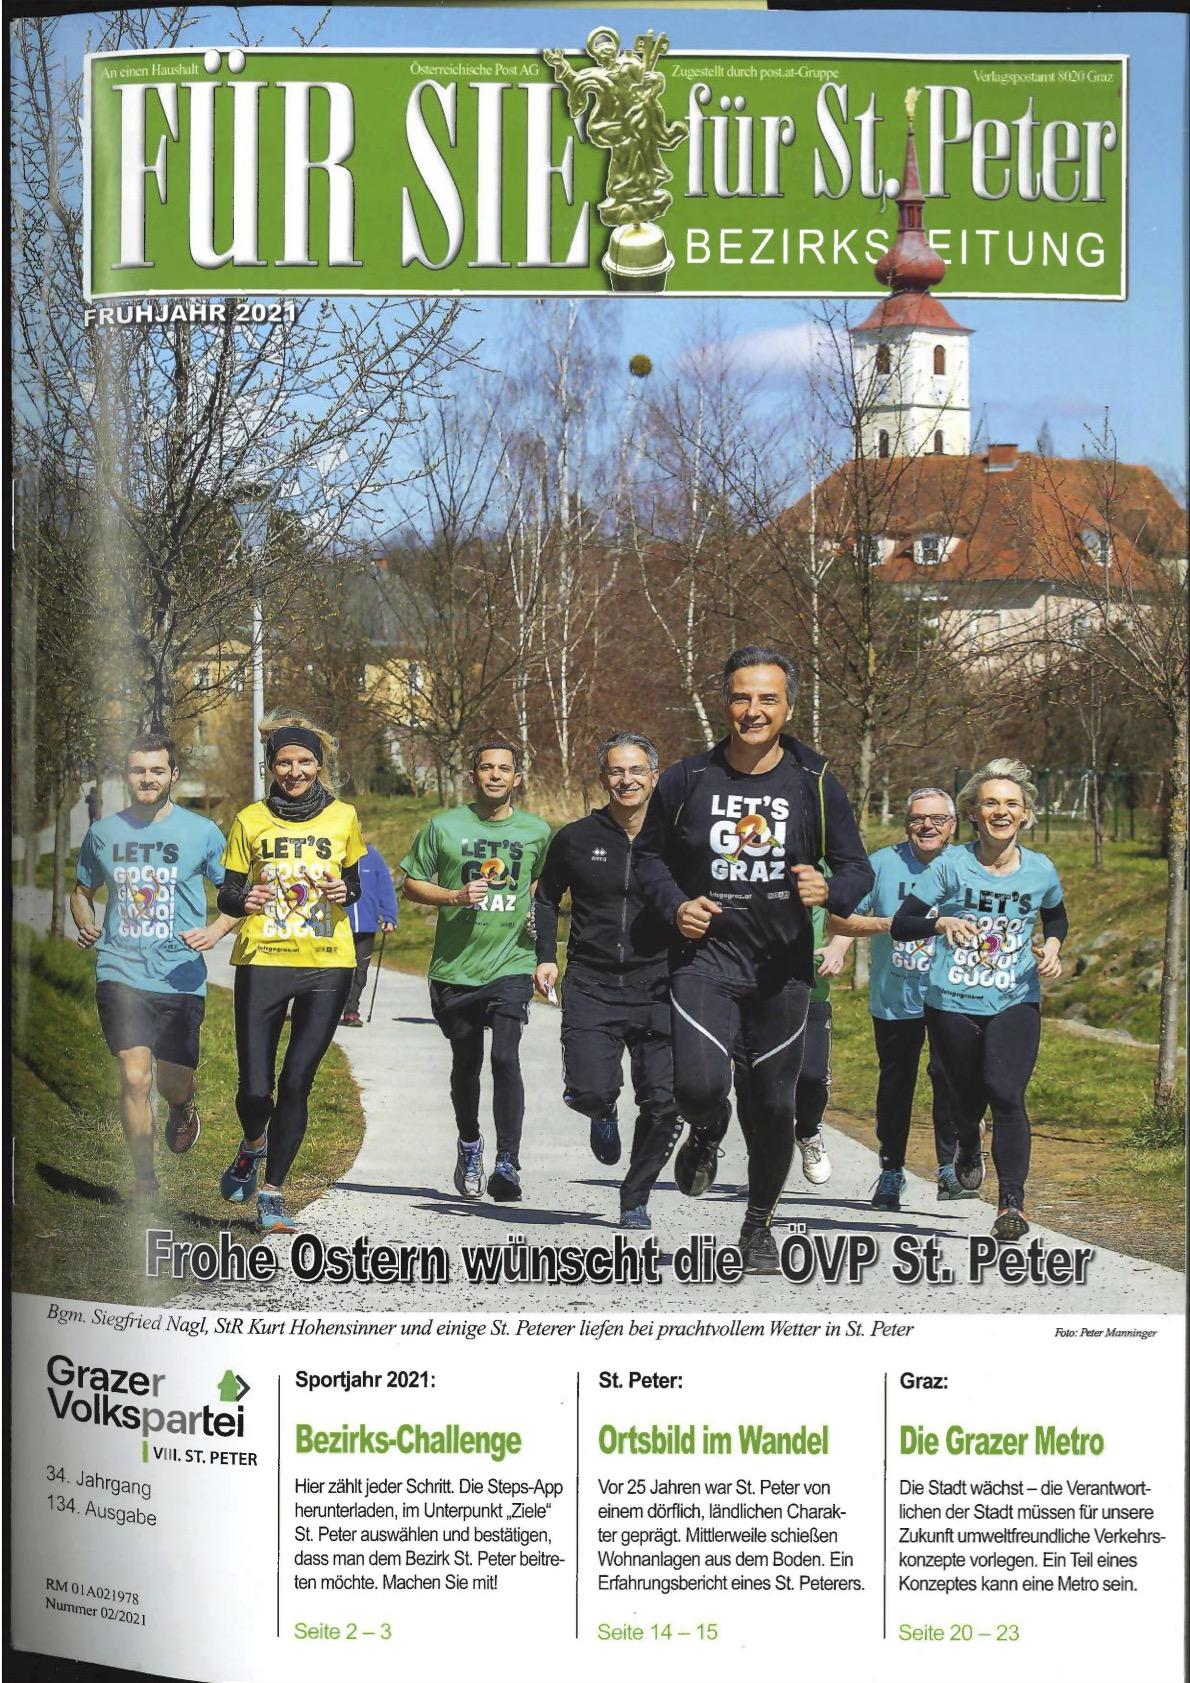 Heftcover von Für Sie St. Peter mit Titel, einem Foto von Läufern und Anreißern der Artikel im Inneren